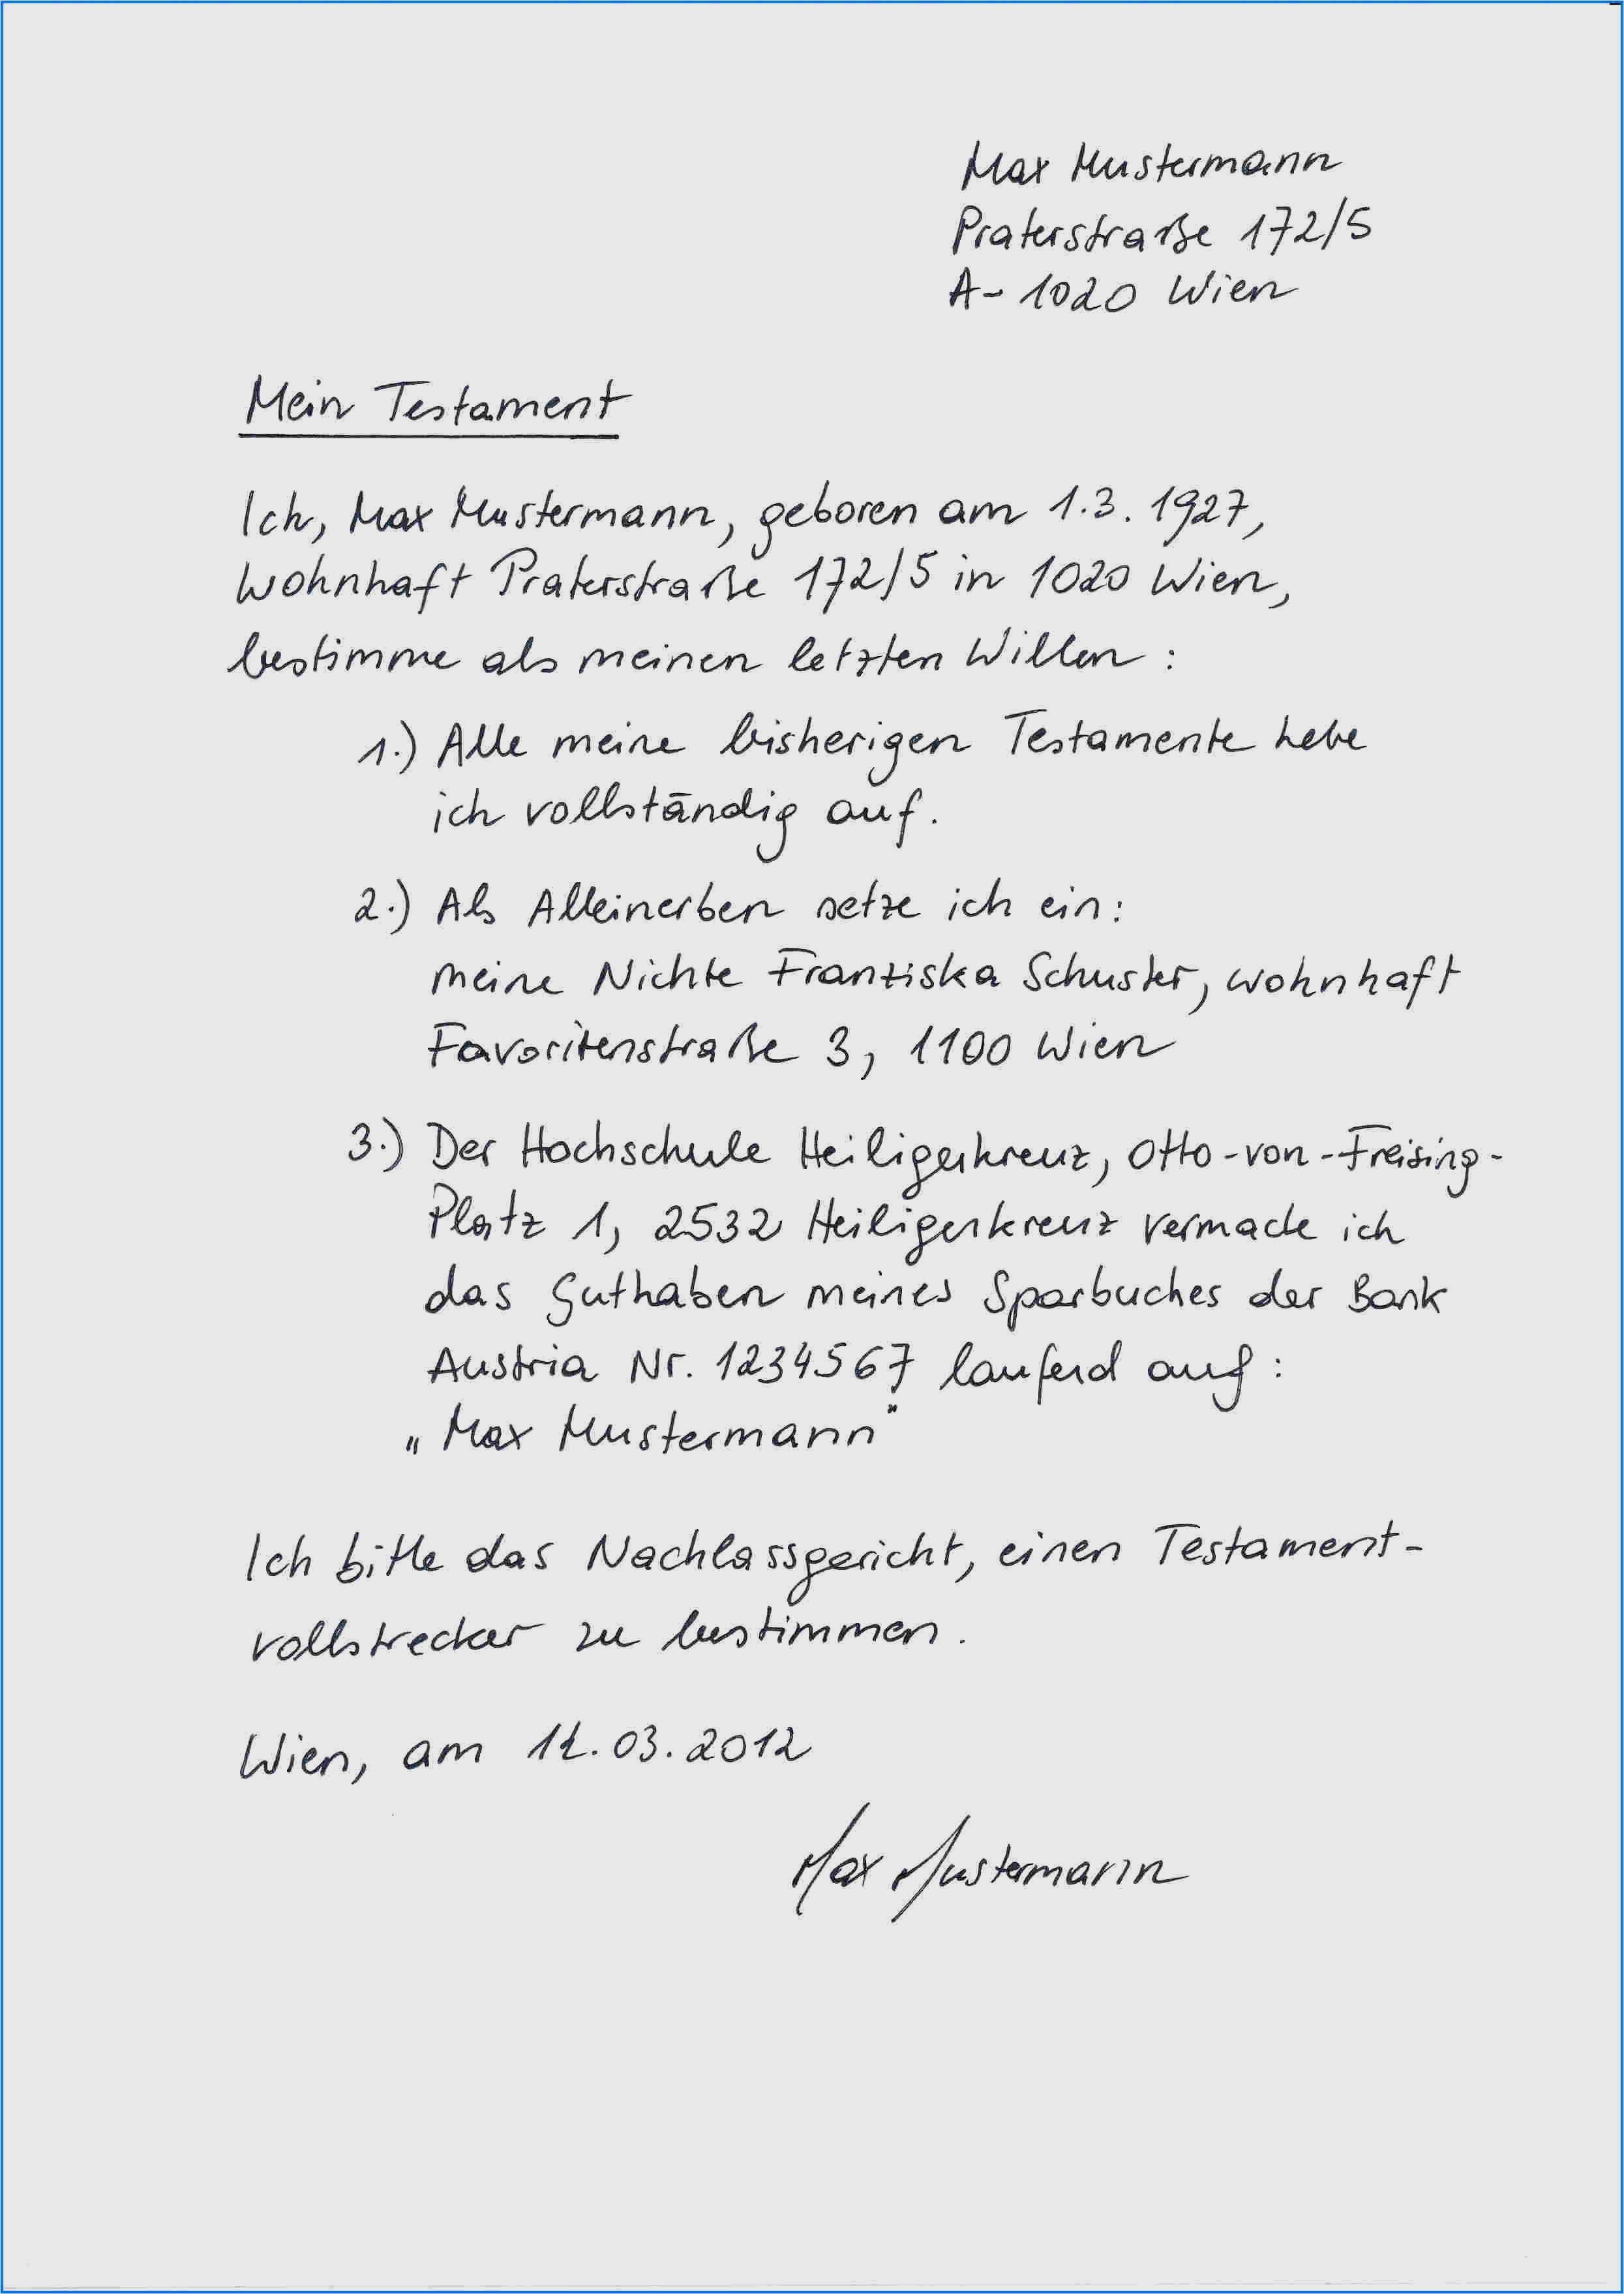 36 Sensationell Berliner Testament Vorlage Pdf | …